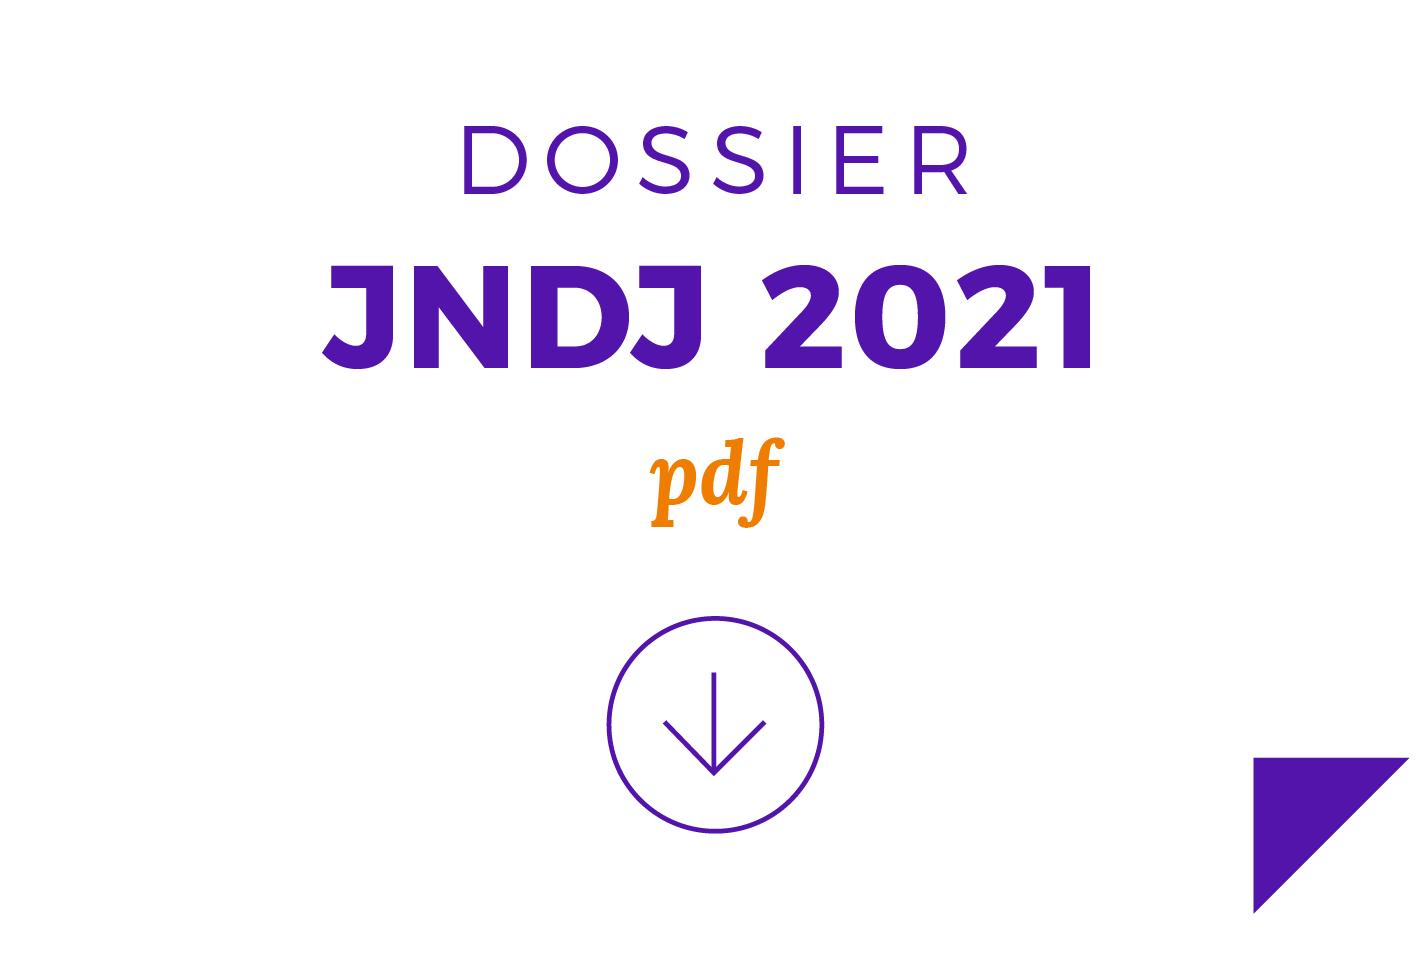 Dossier 2020 JNDJ